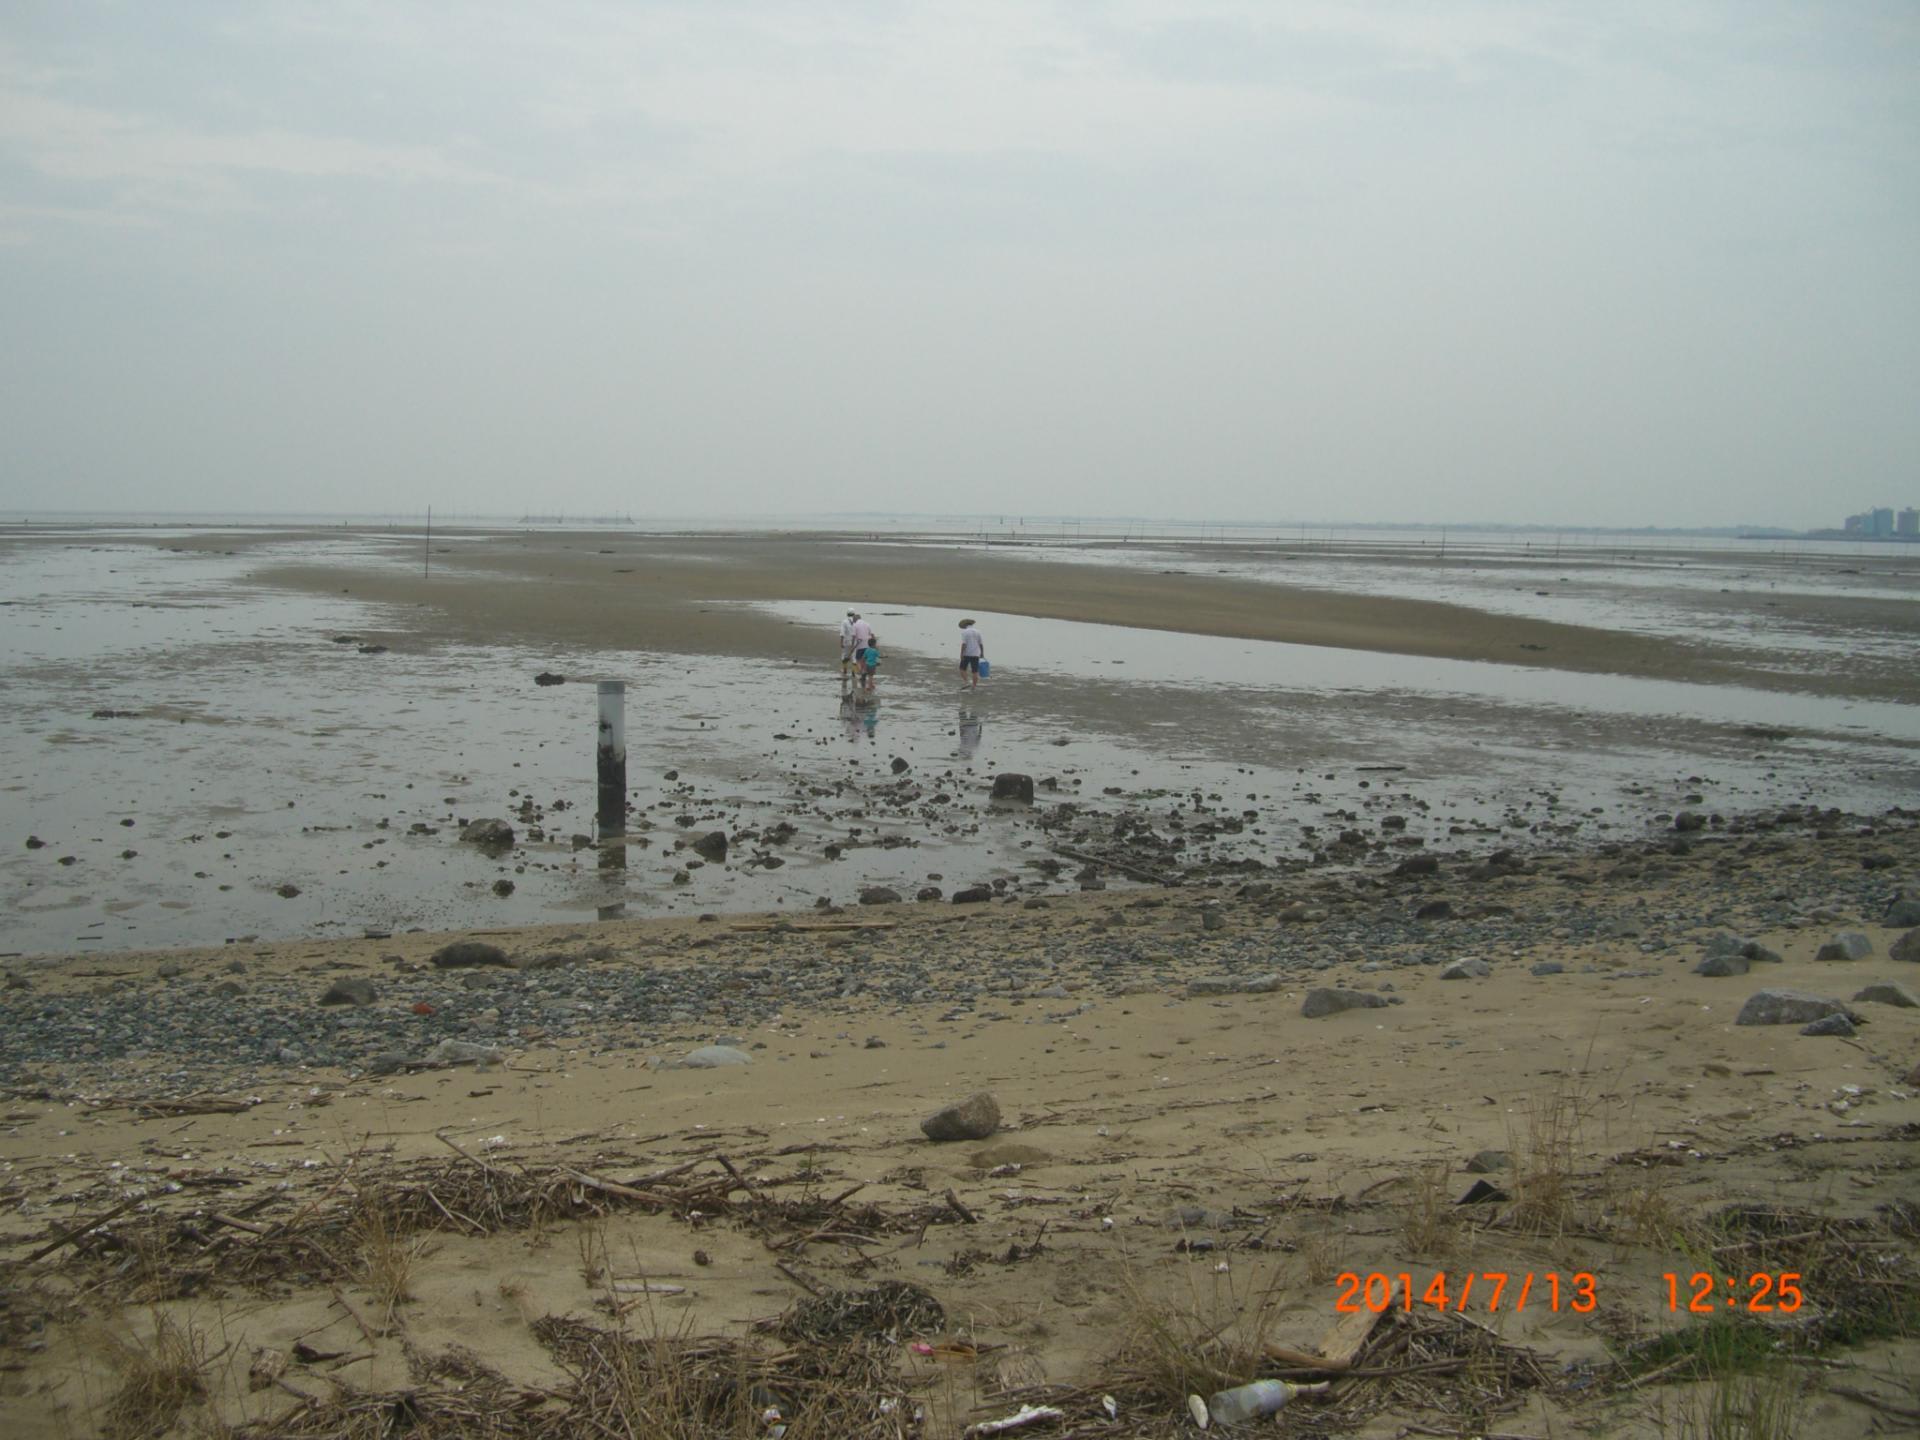 三重県 の潮干狩りや釣りに最適な潮汐・潮見表カ …